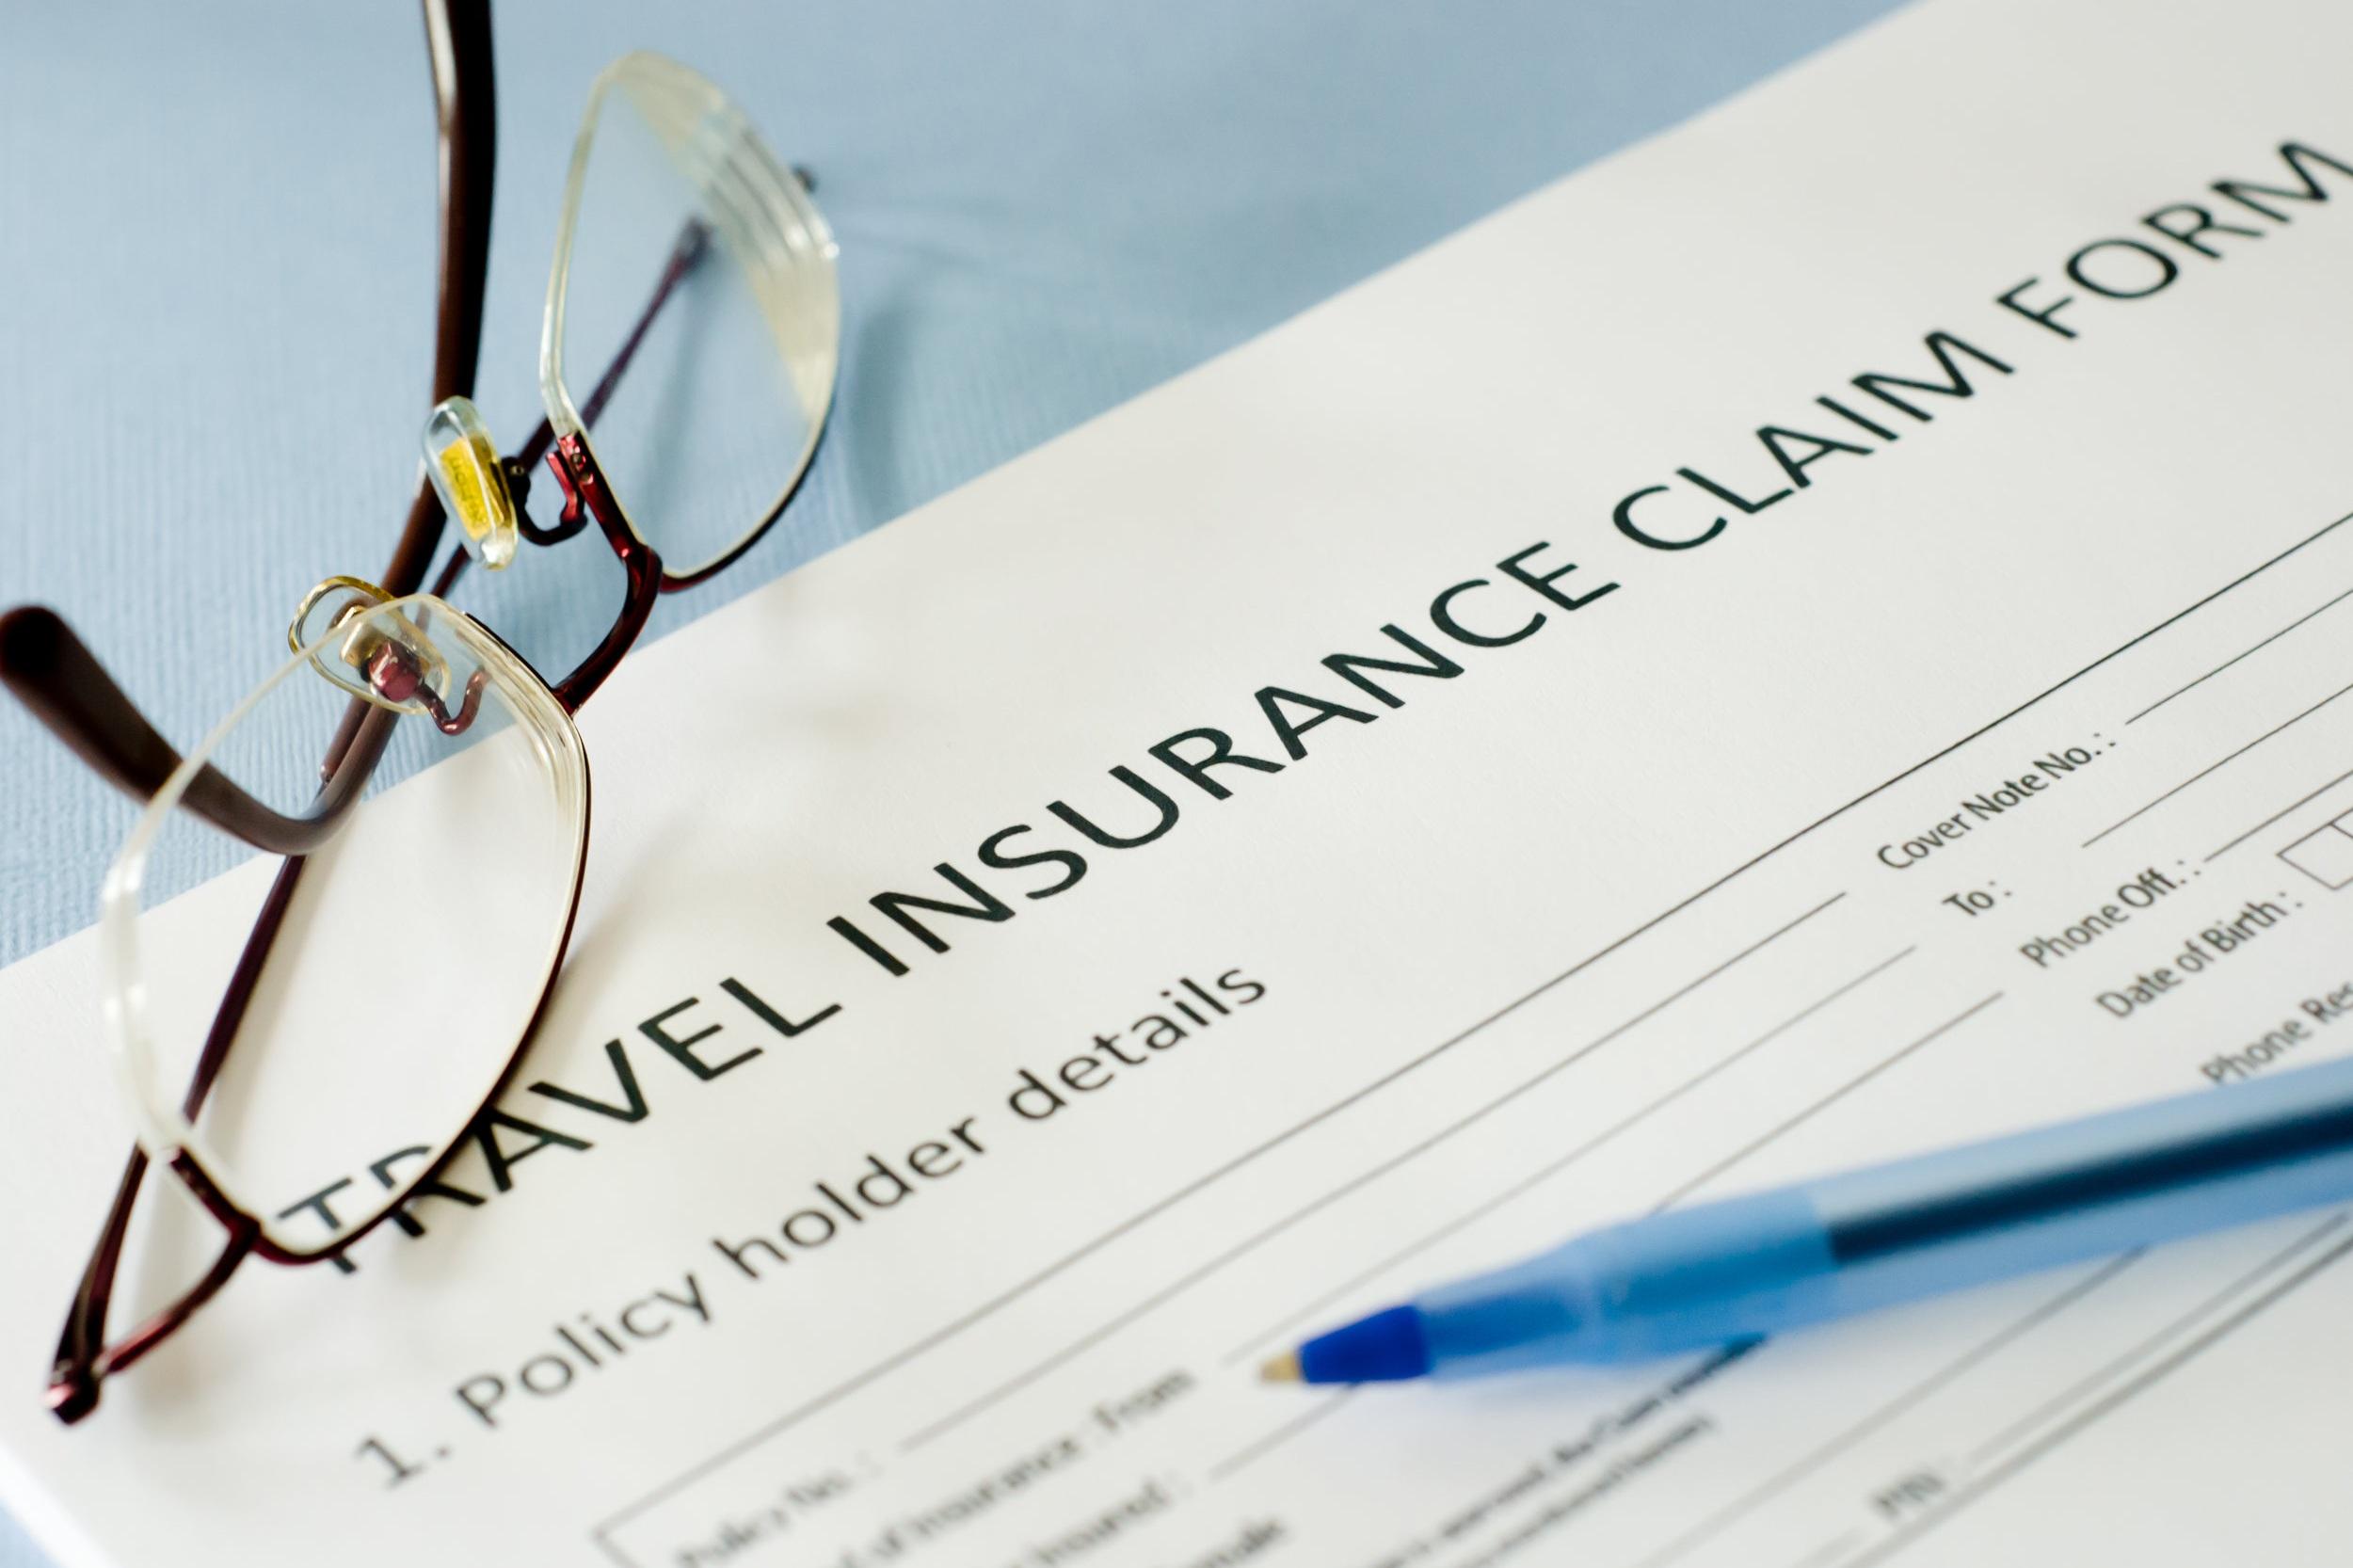 Travel-Insurance-Claim-Form.jpg